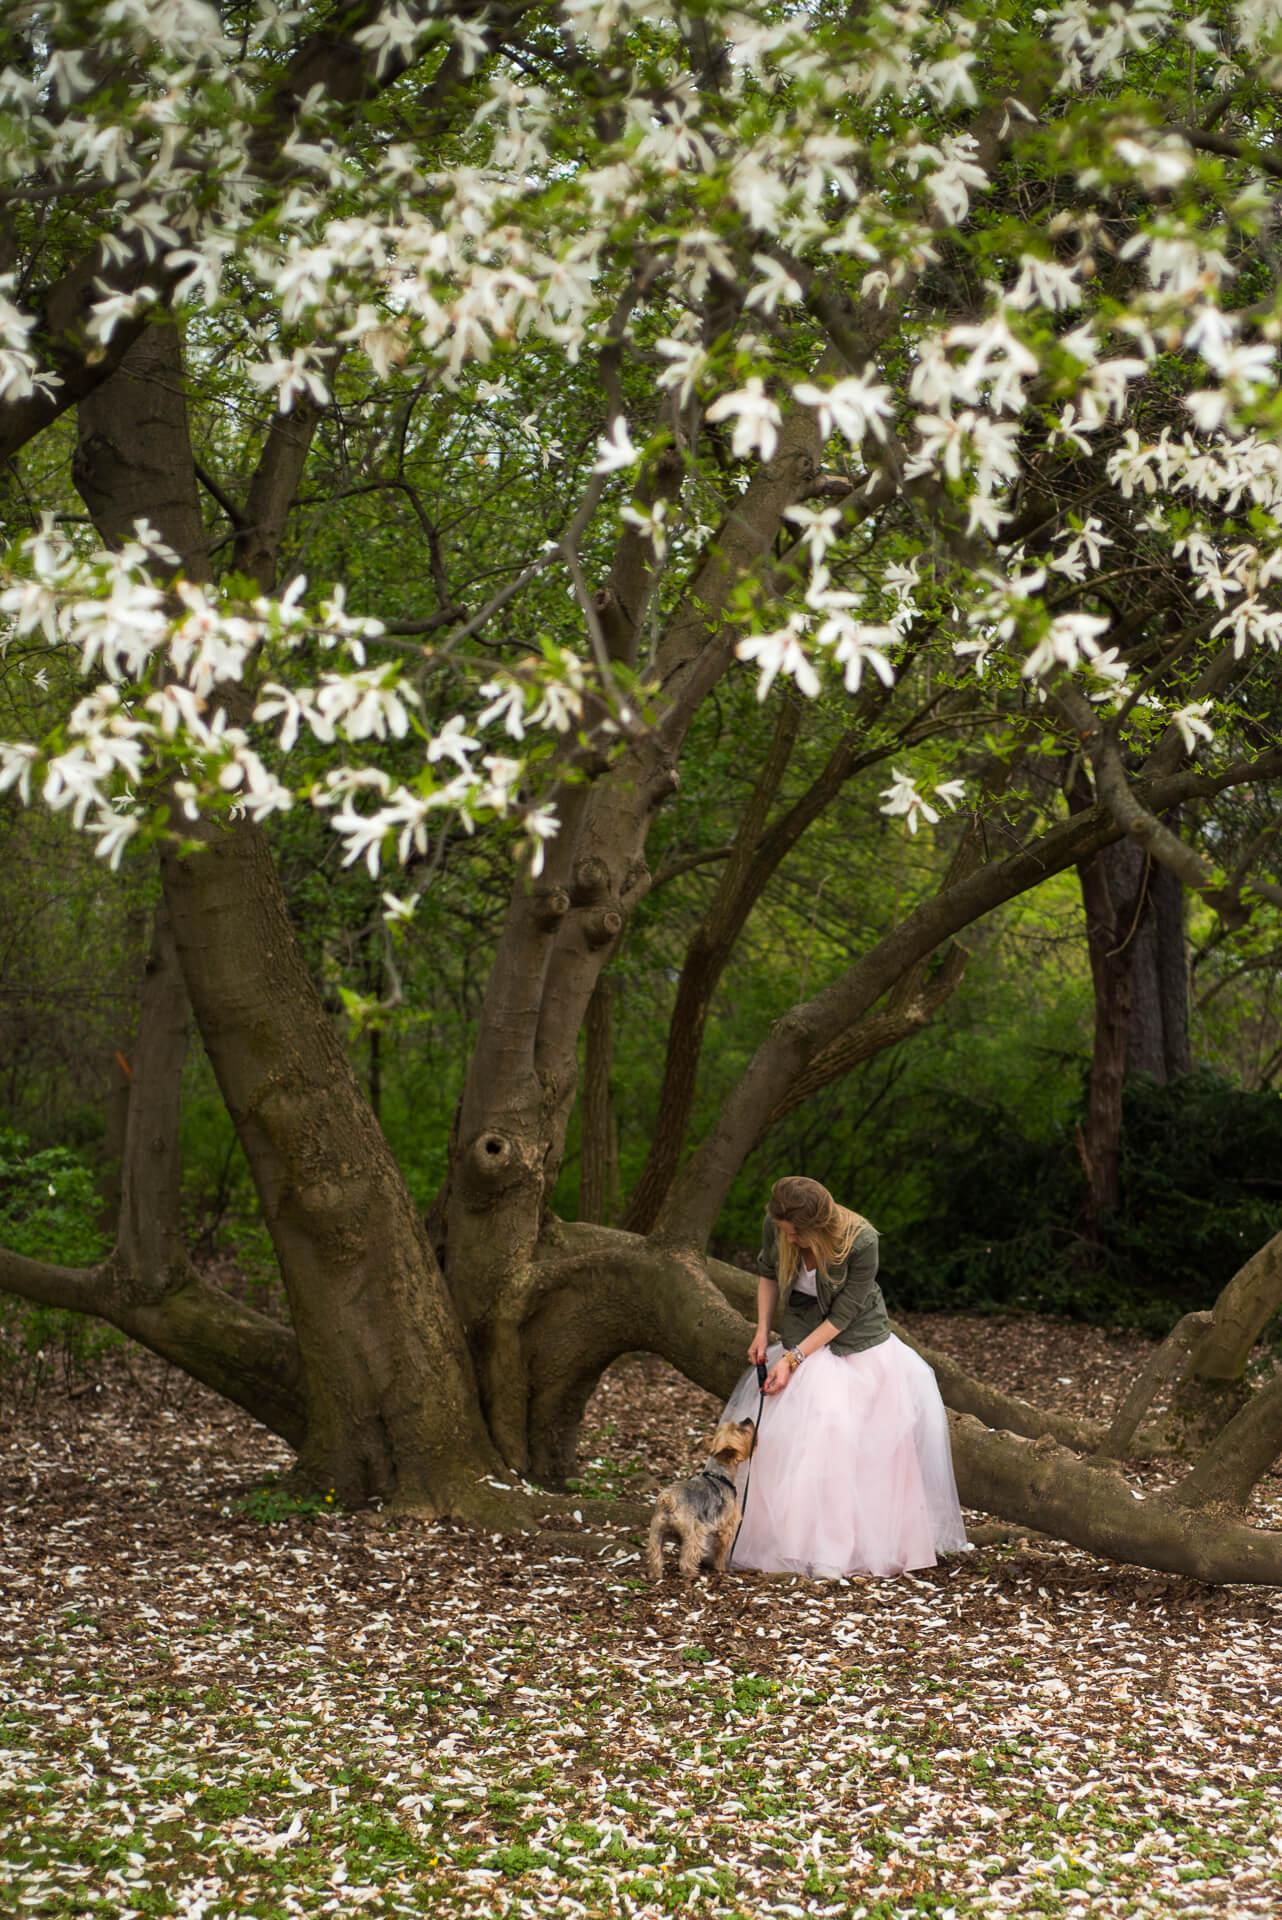 Kobieta w tiulowej spódnicy z pieskiem pod drzewem magnolii